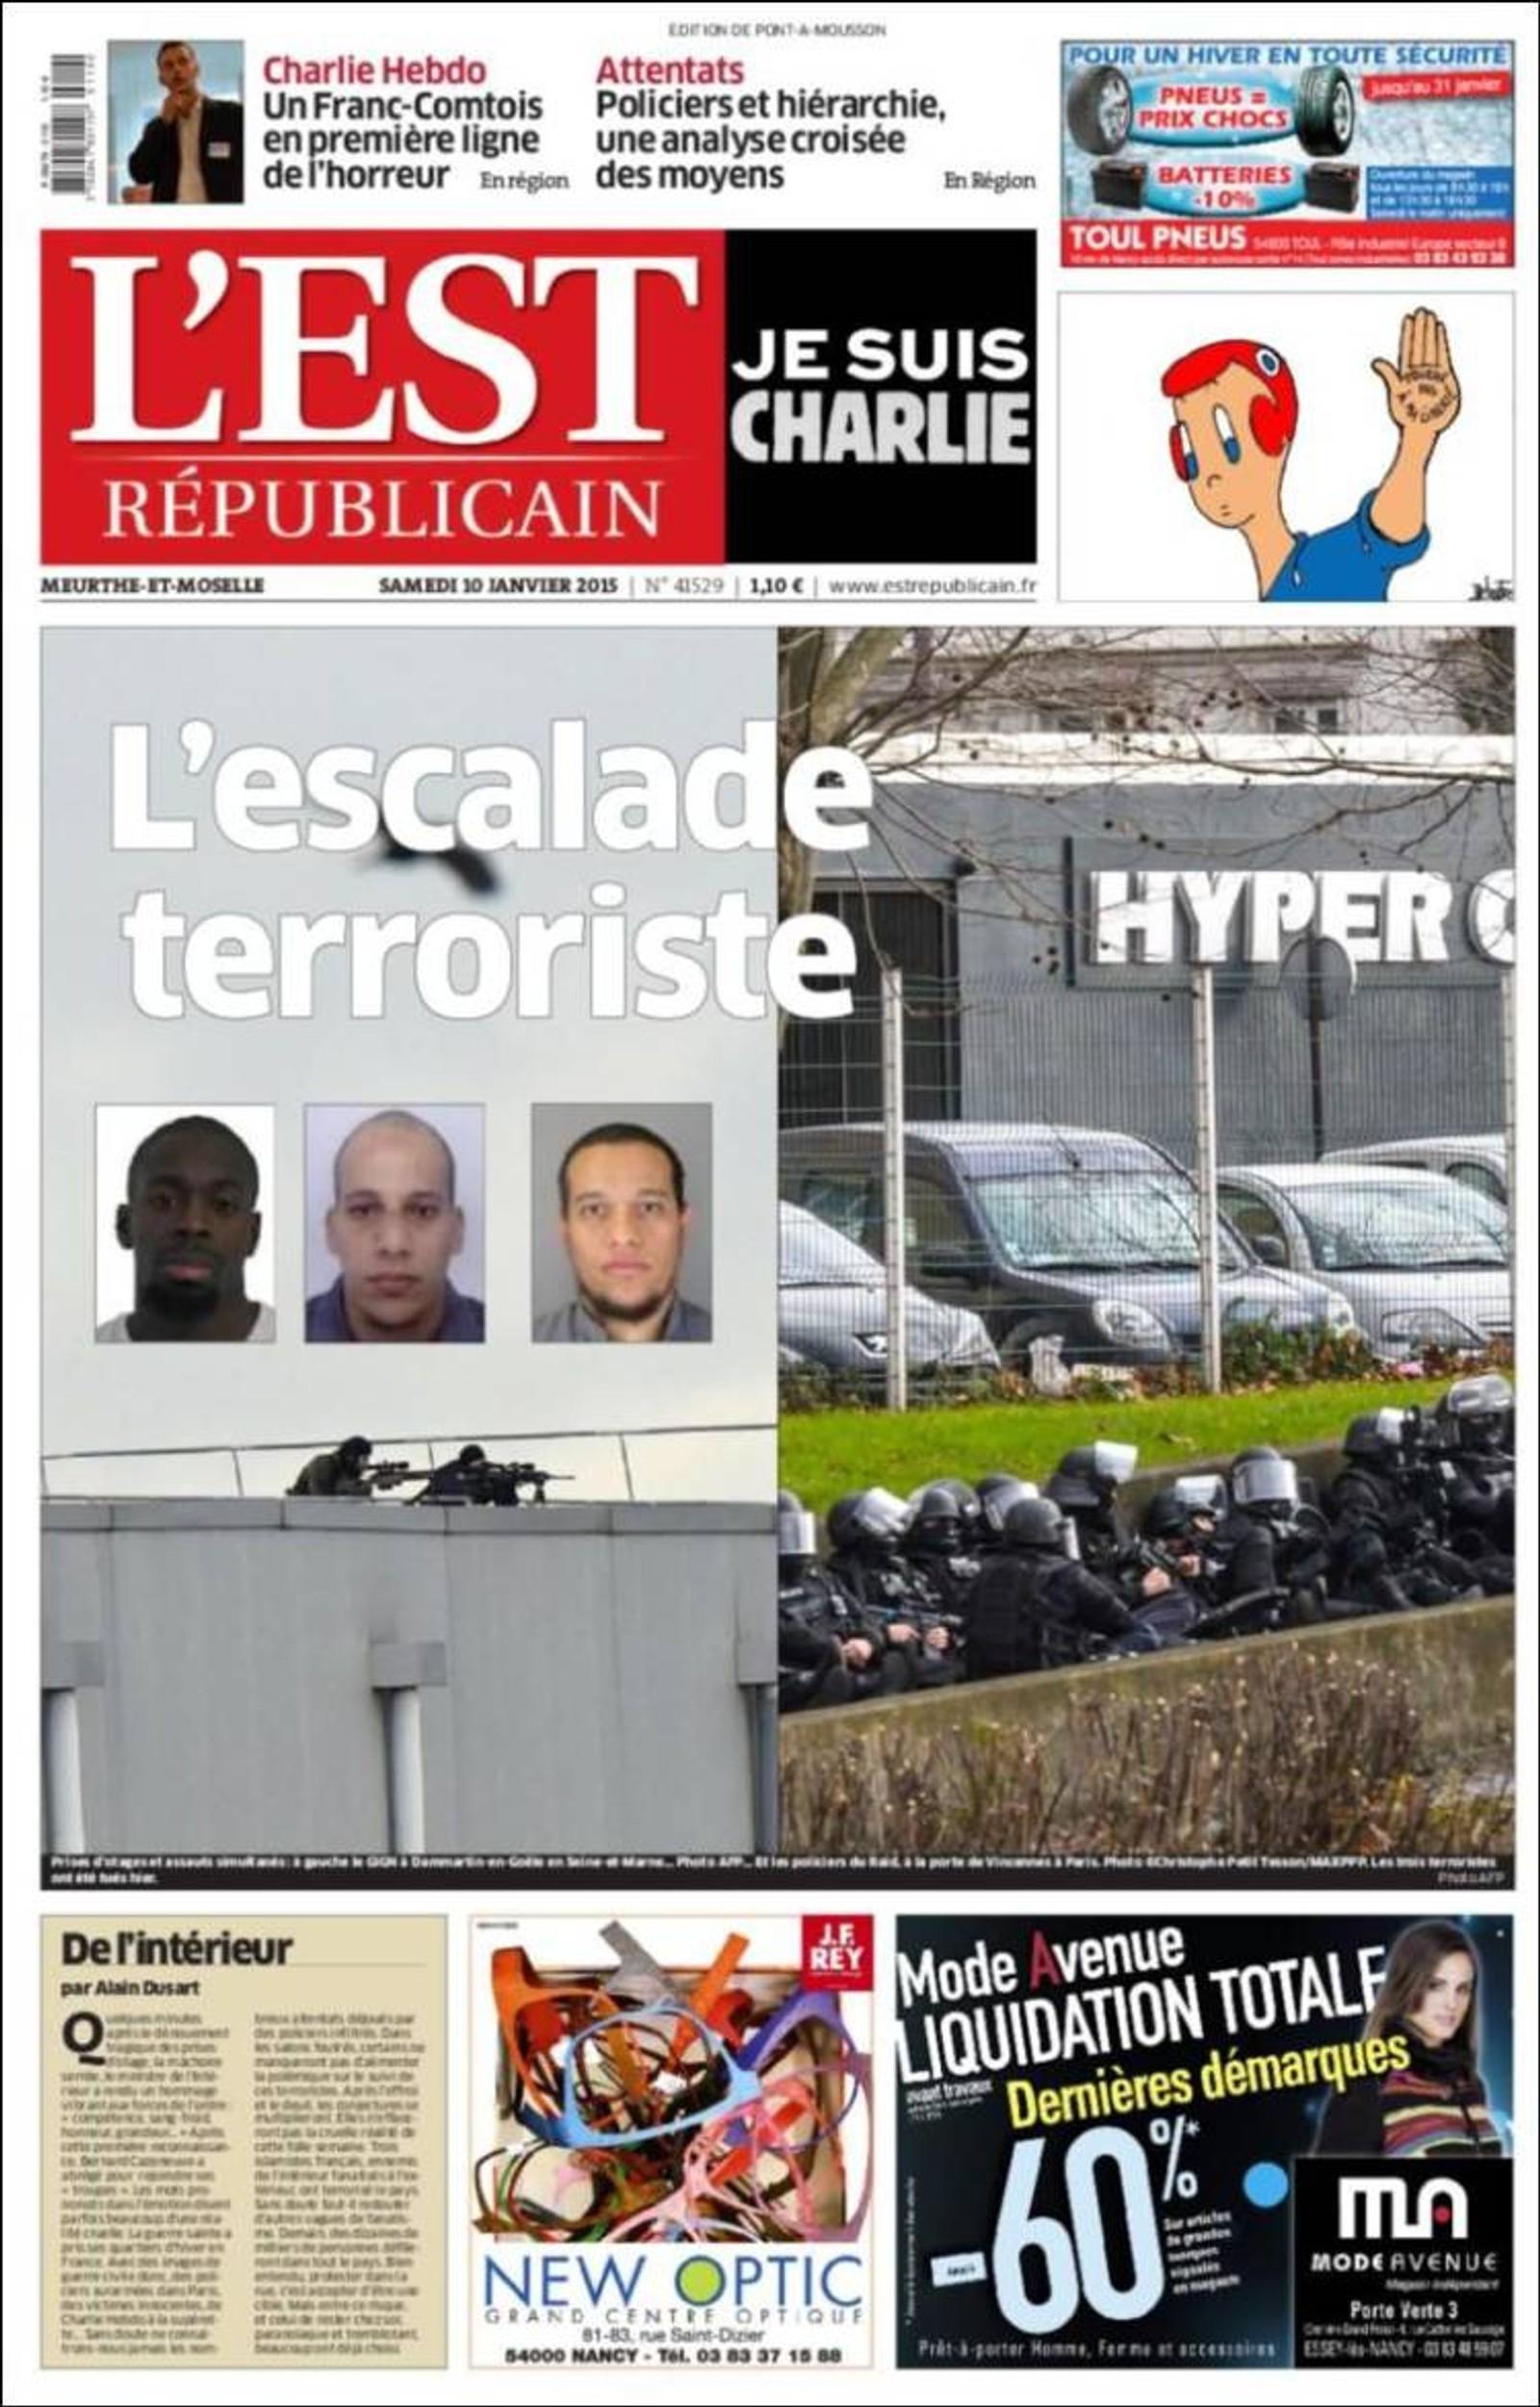 L'Est Républicain: Terrorangrepet.